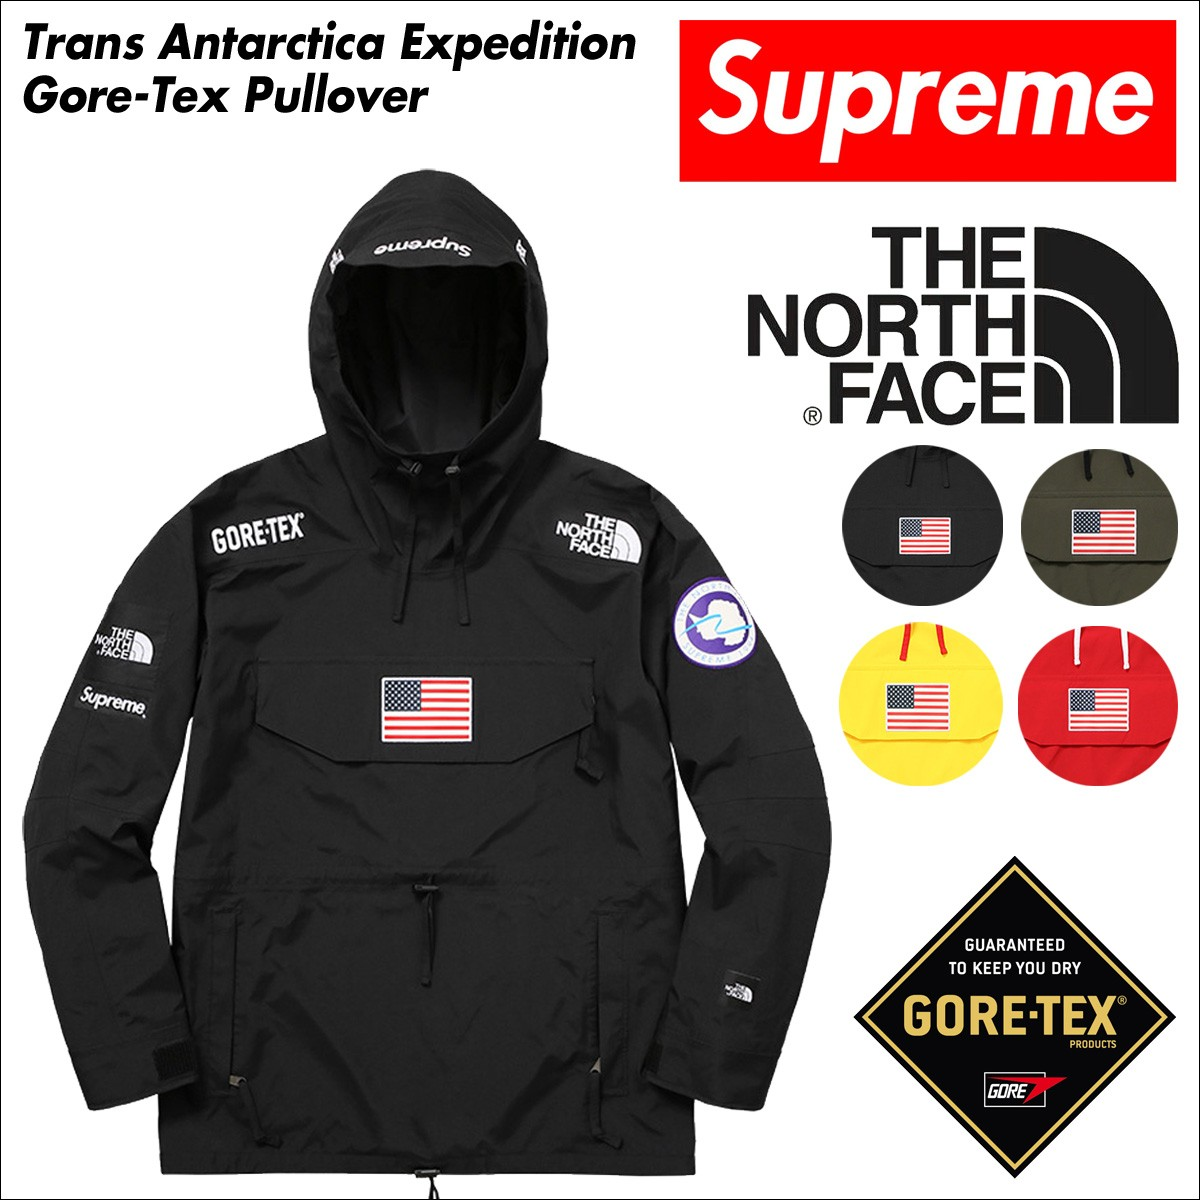 シュプリーム ノースフェイス ジャケット Supreme THE NORTH FACE プルオーバー マウンテンパーカー メンズ NF0A37KB TRANS ANTARCTICA EXPEDITION PULLOVER [4/18 新入荷]